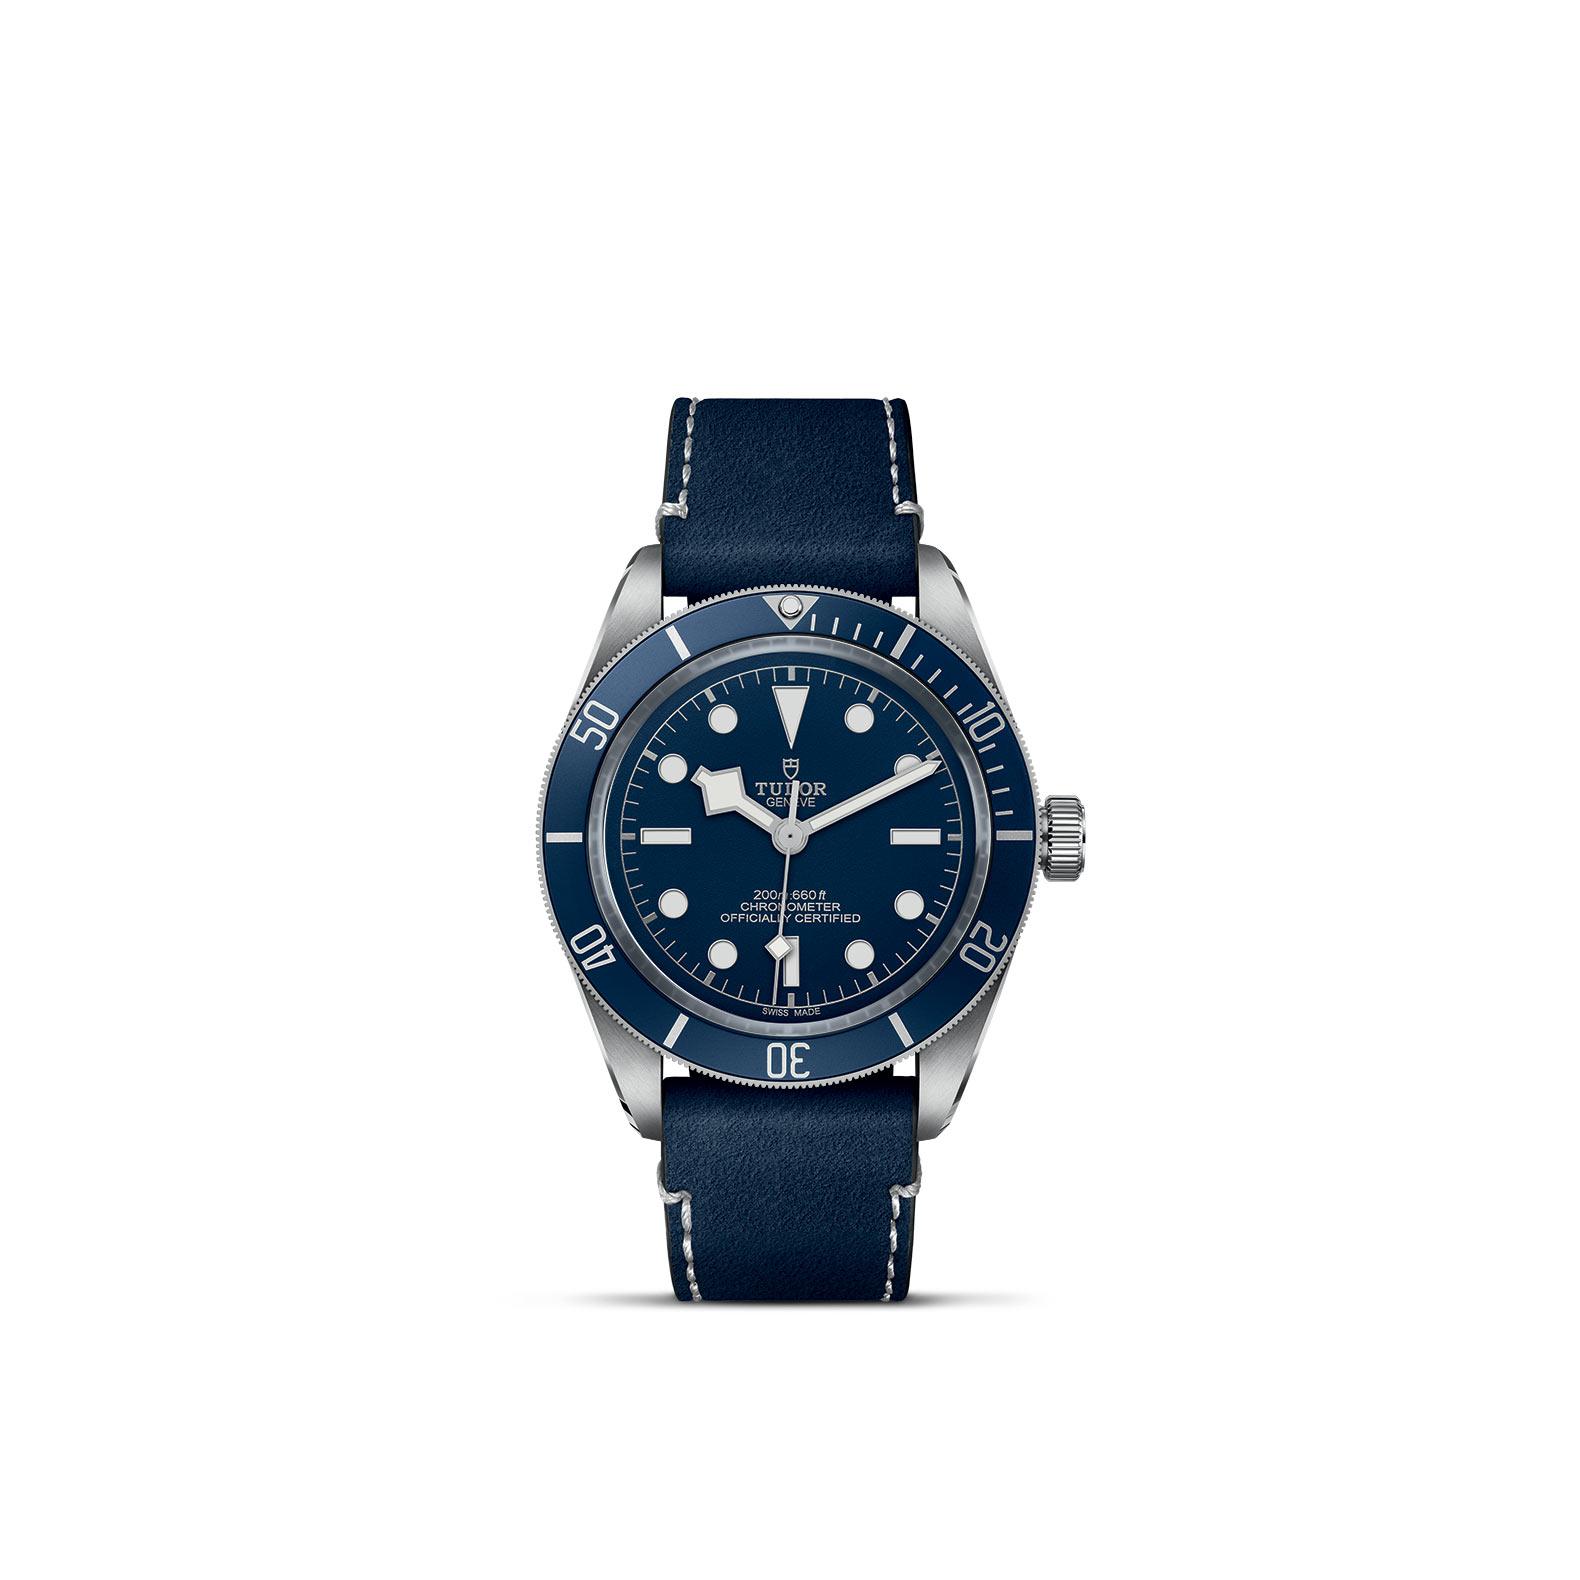 Tudor Black Bay Fifty-Eight mit Edelstahlgehäuse und Soft Touch Band und blauem Zifferblatt